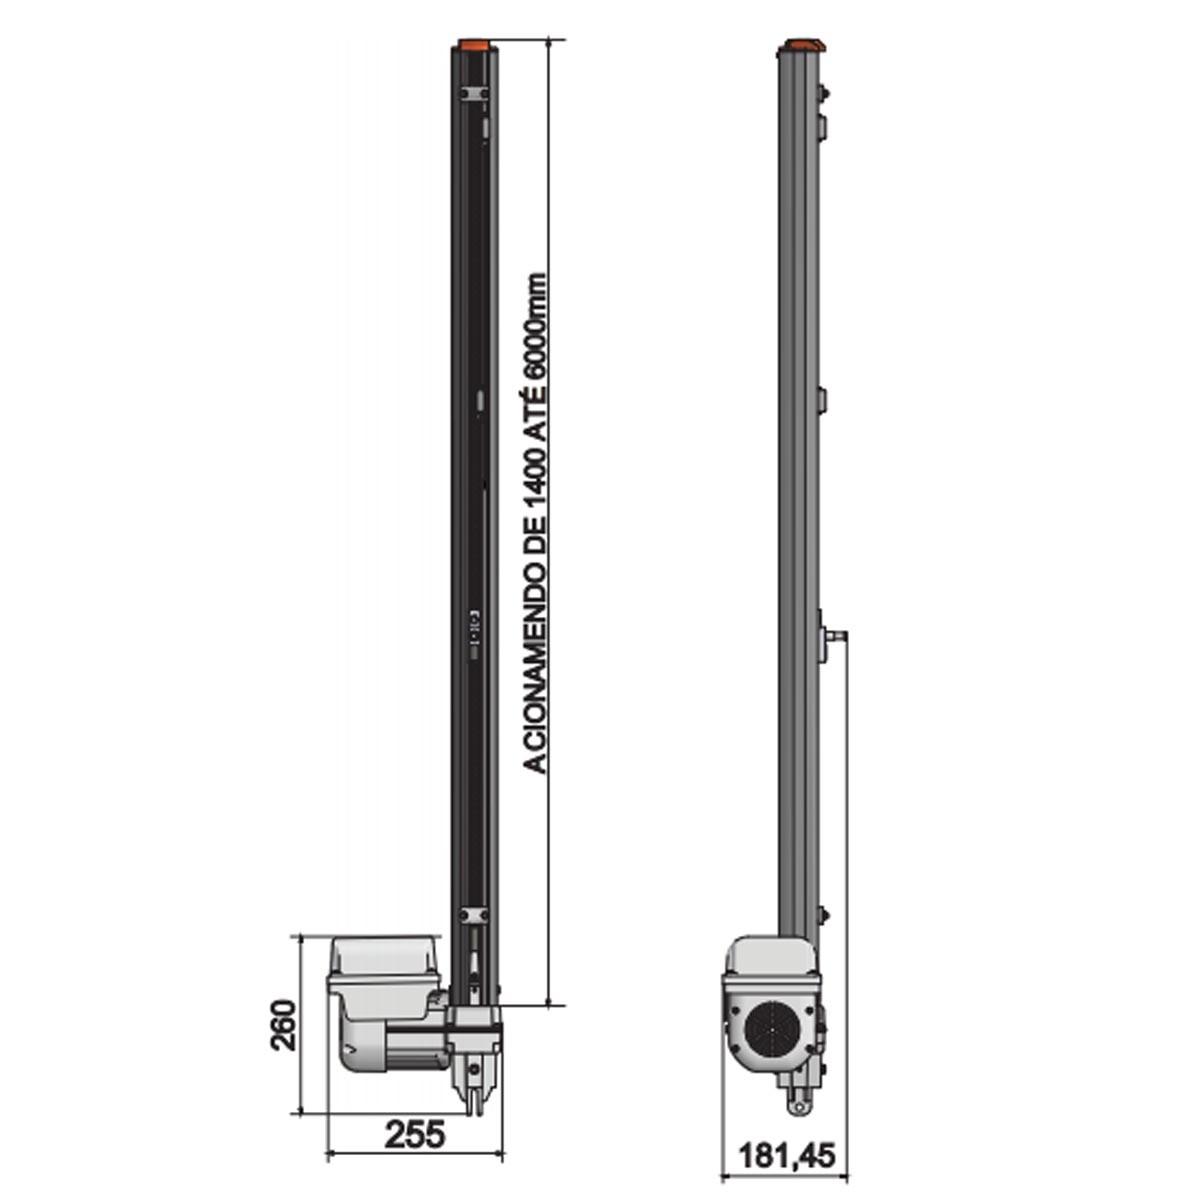 MOTOR BASCULANTE GAREN DUO 1/3 110V F06162-GCT